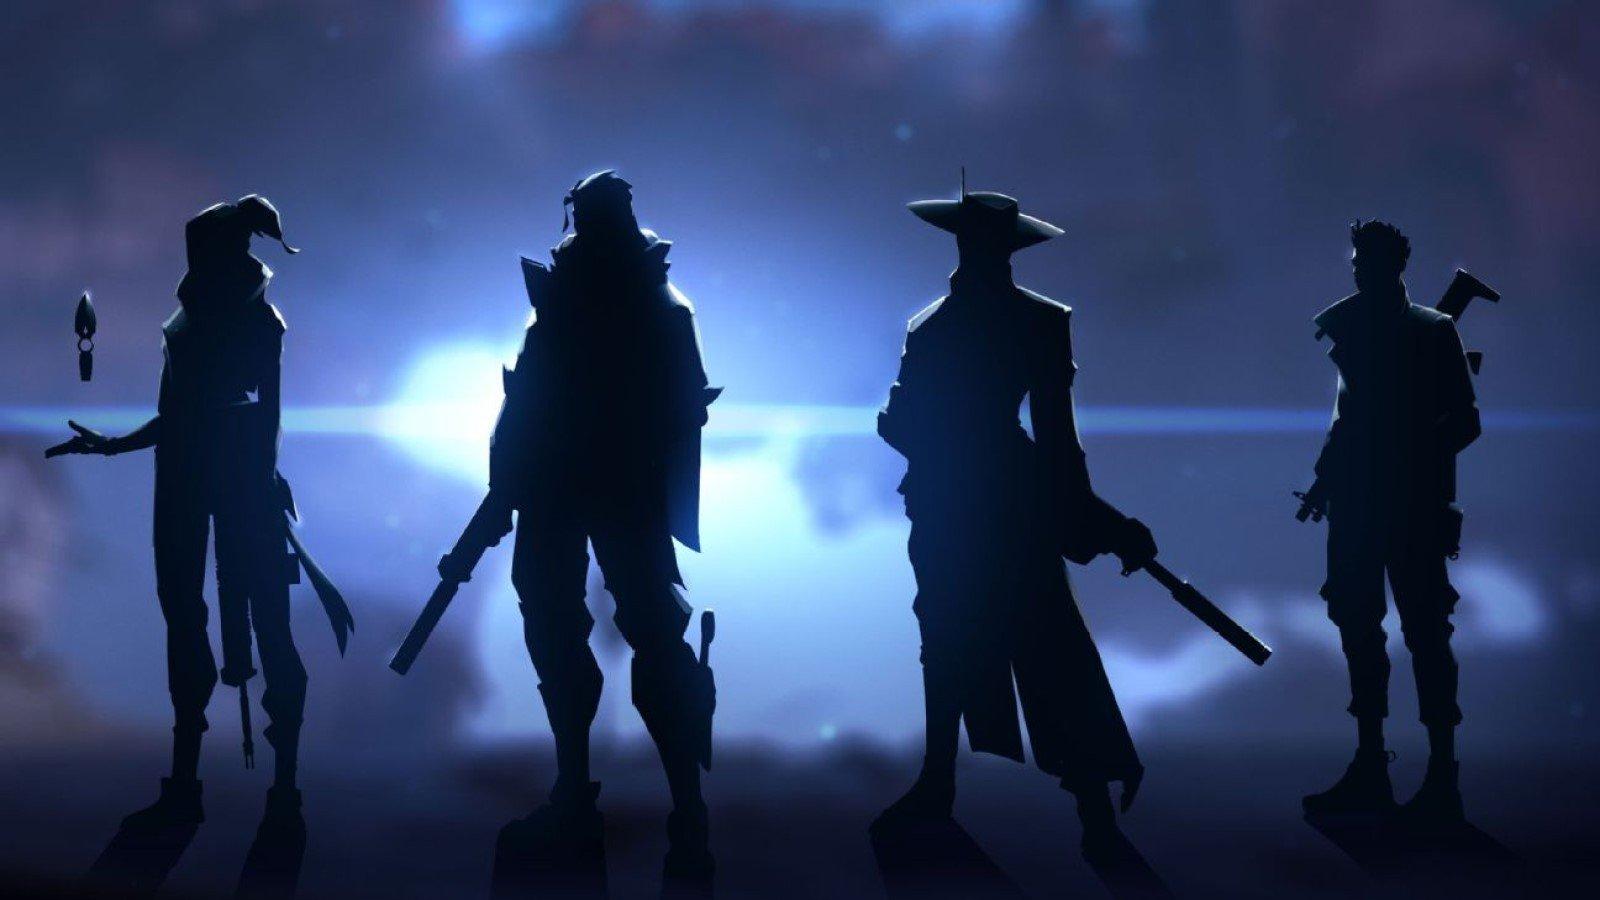 Ninjas in Pyjamas Cloud9 Team SoloMid кто уже подписал составы по Valorant а кто до сих пор в поиске